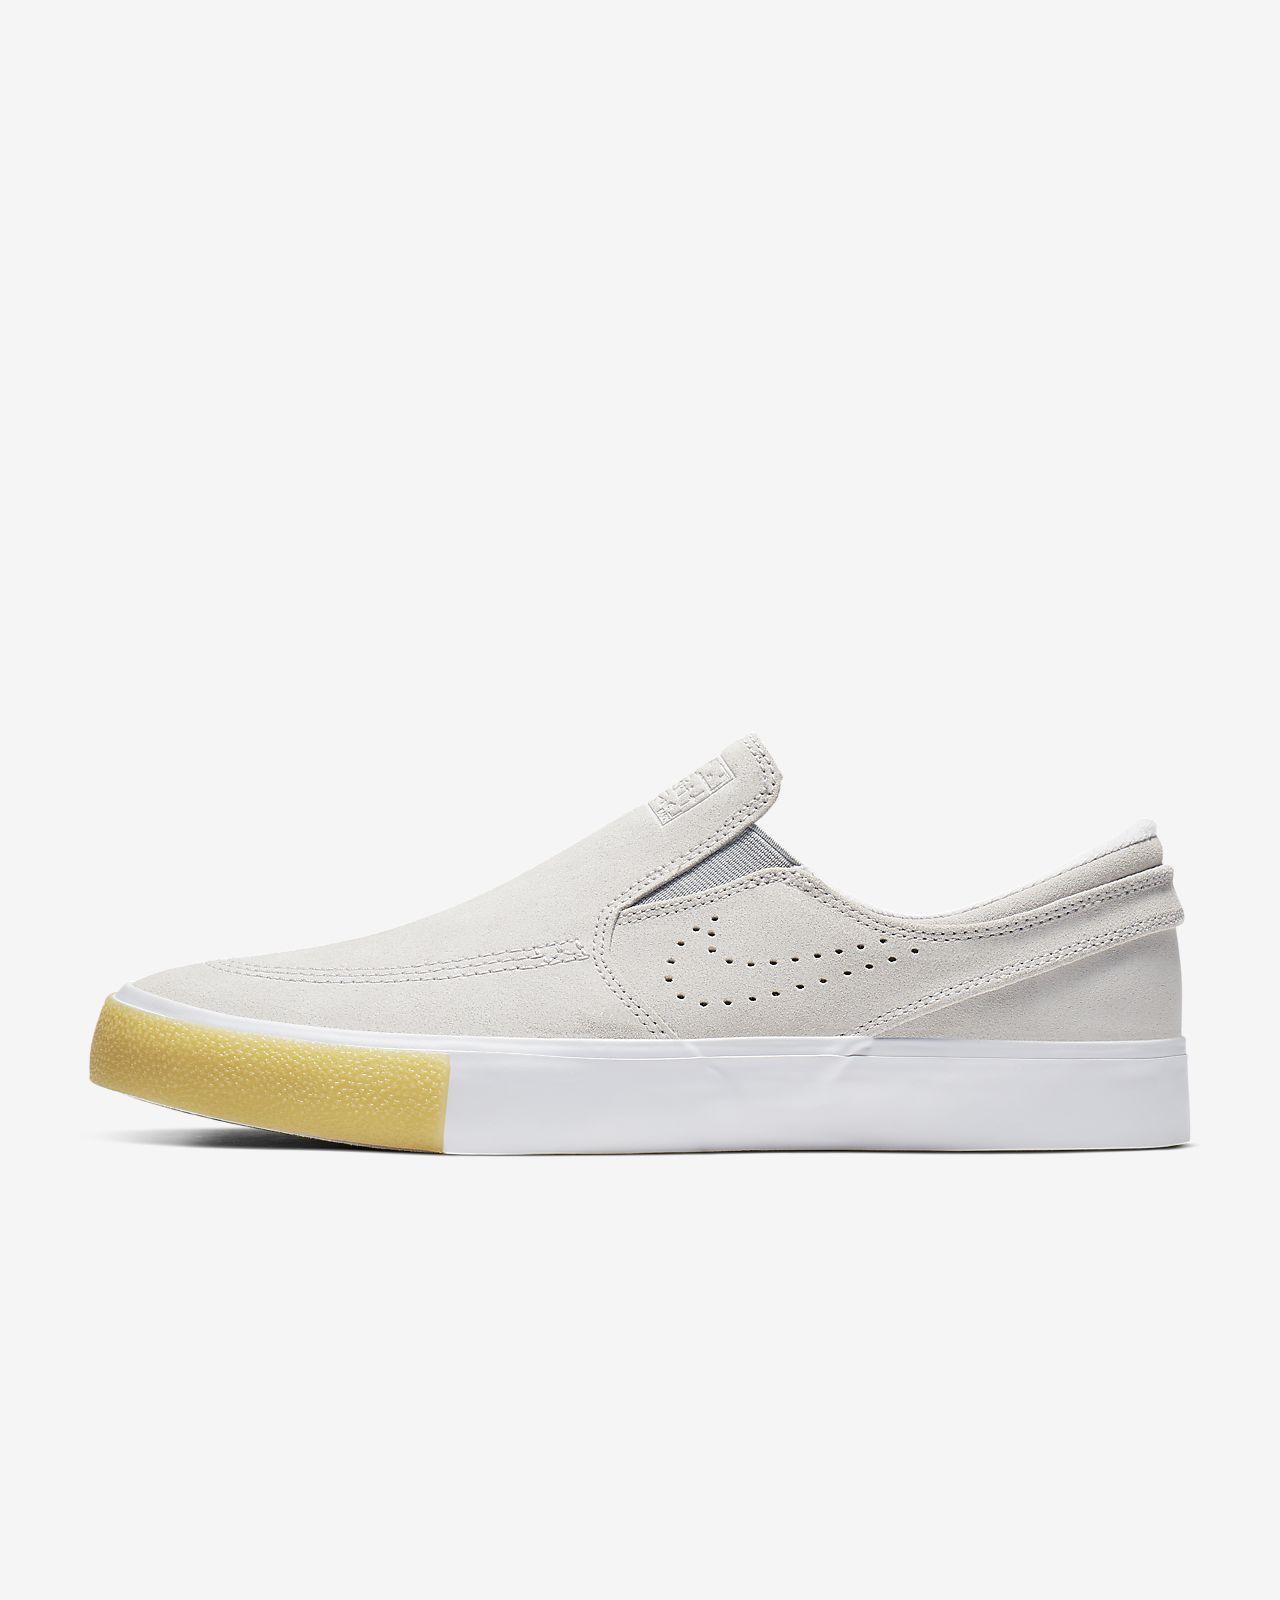 Chaussure de skateboard Nike SB Zoom Stefan Janoski Slip RM SE